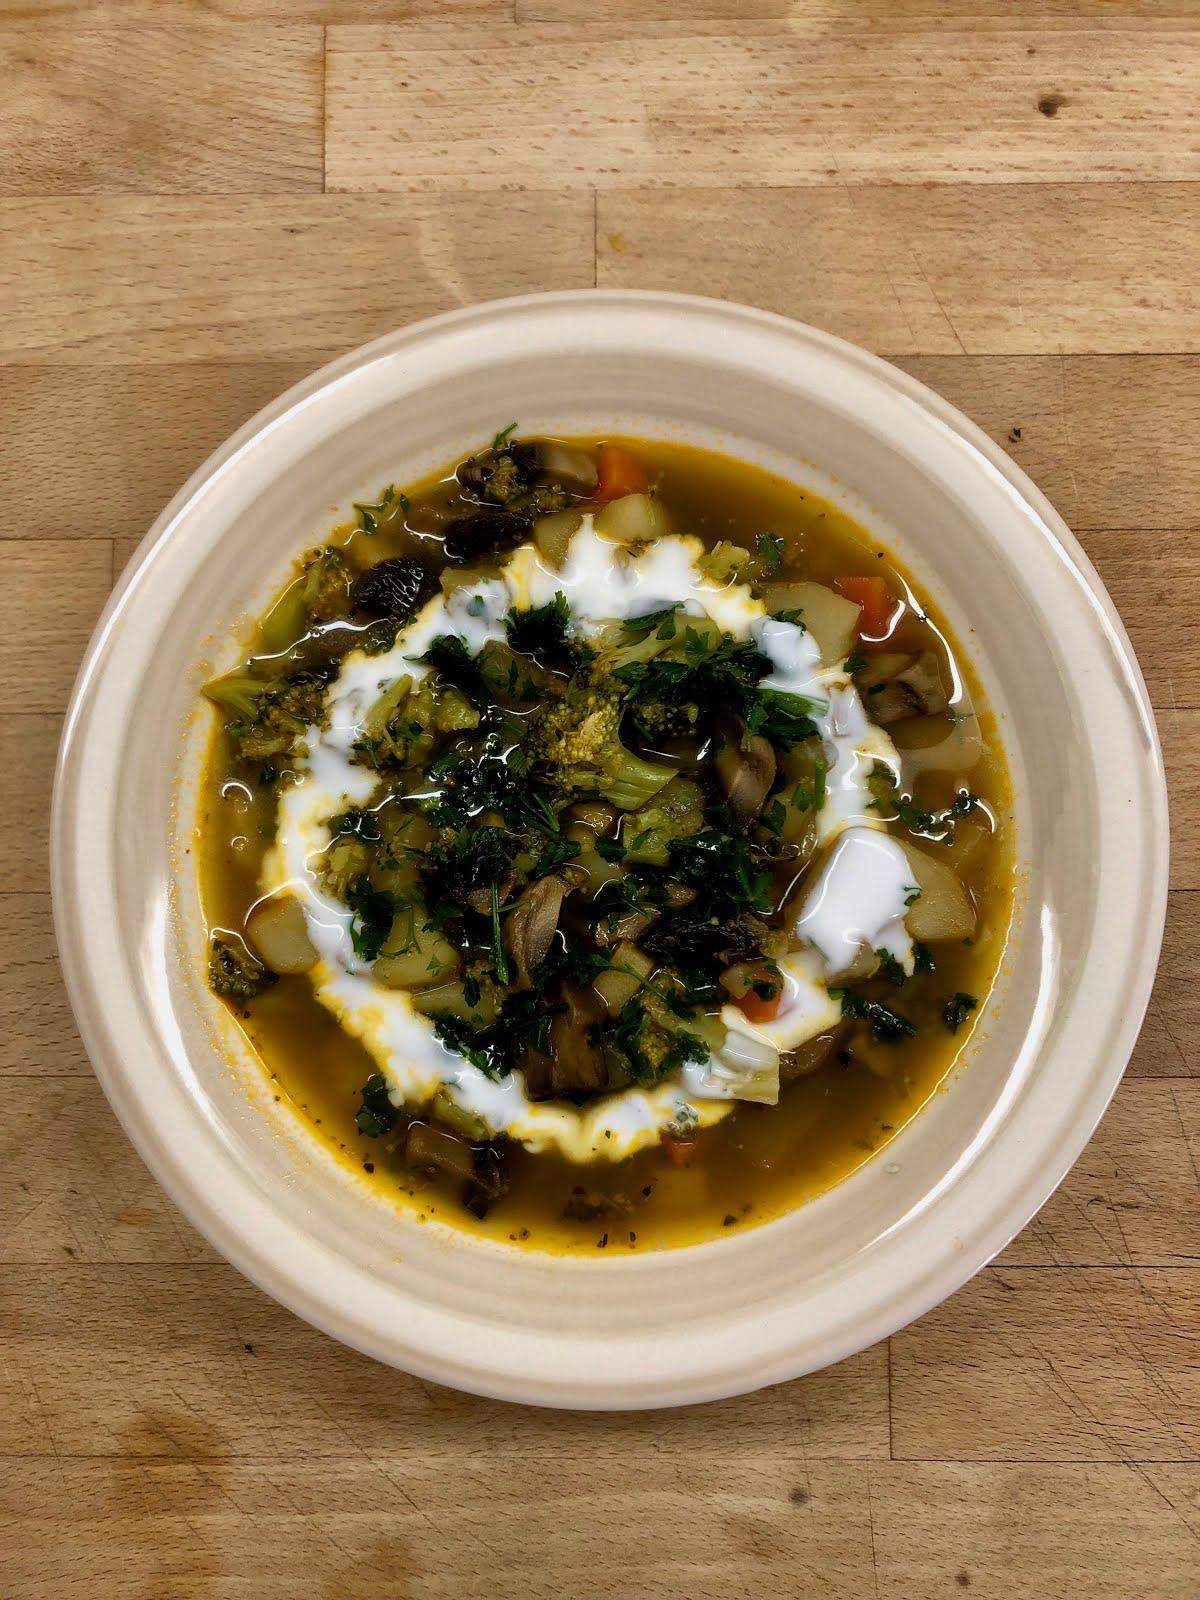 Zupa ziemniaczana z brukułem, grzybami oraz kalarepą.